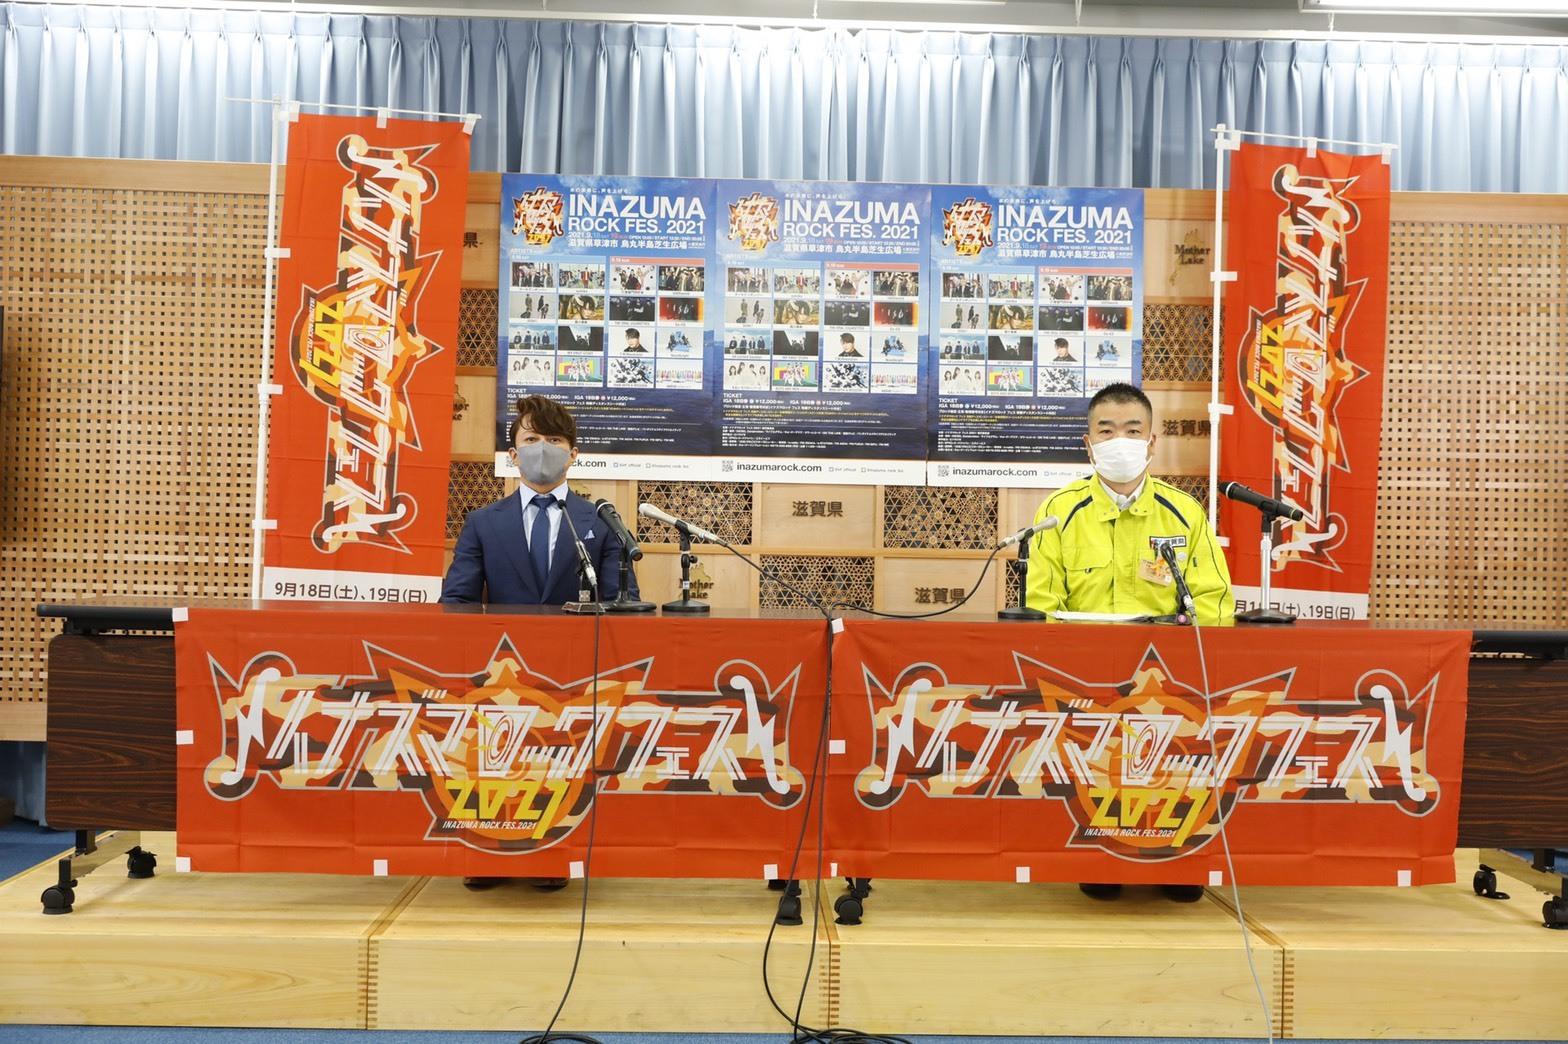 左から、西川貴教、滋賀県知事・三日月大造氏